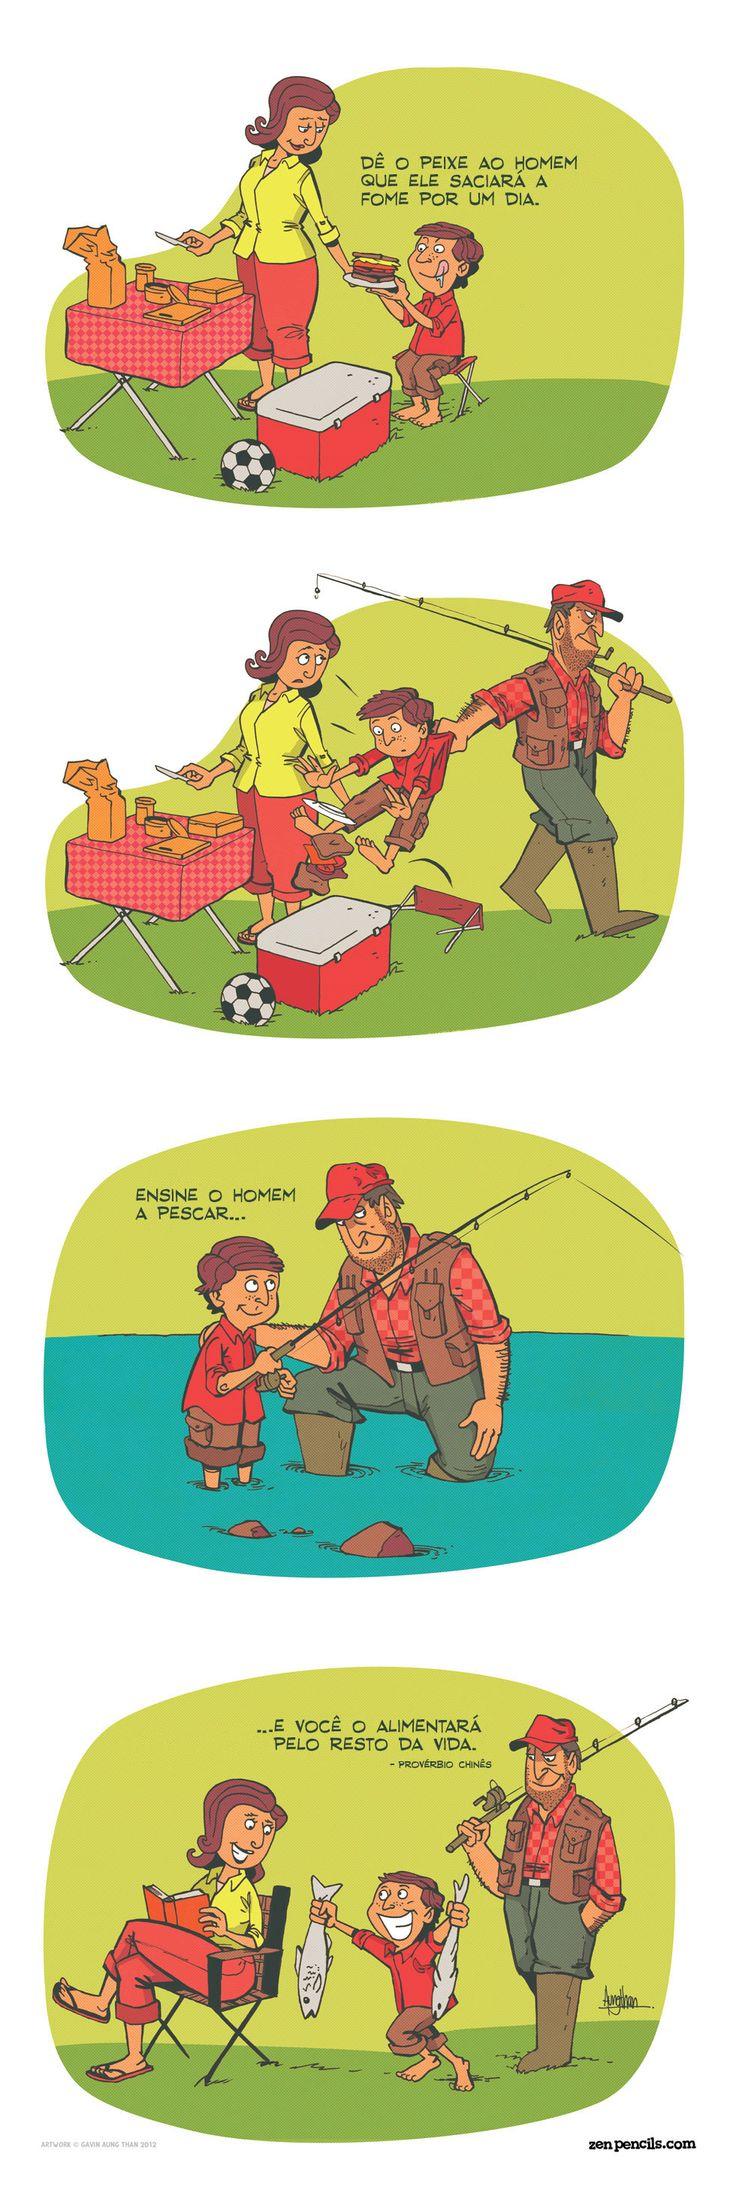 PROVÉRBIO CHINÊS: Dê o peixe ao homem